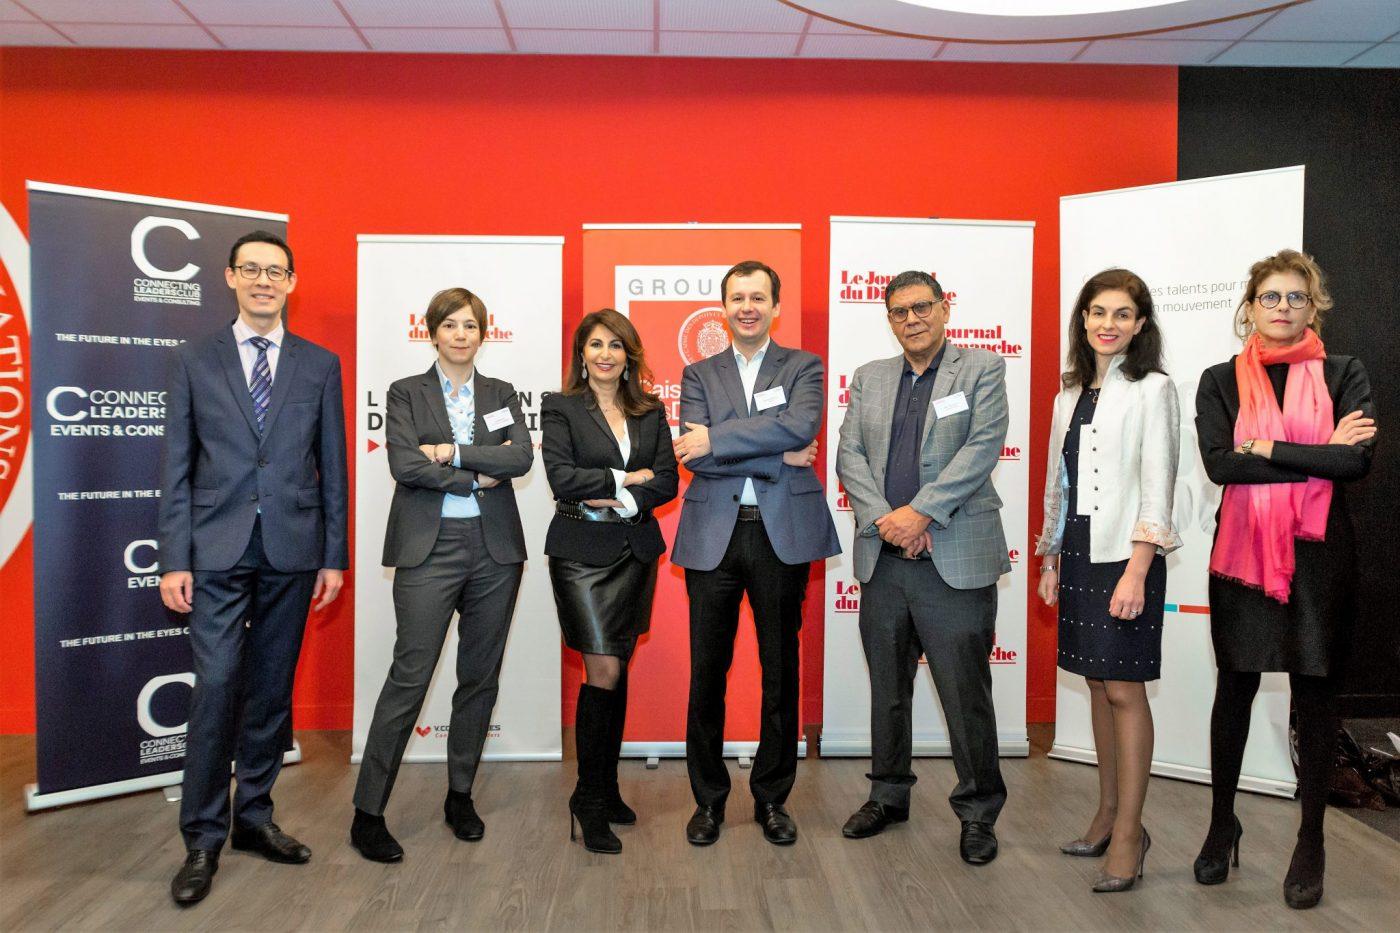 Les Matins de l'Economie, par Connecting Leaders Club, en partenariat avec le JDD